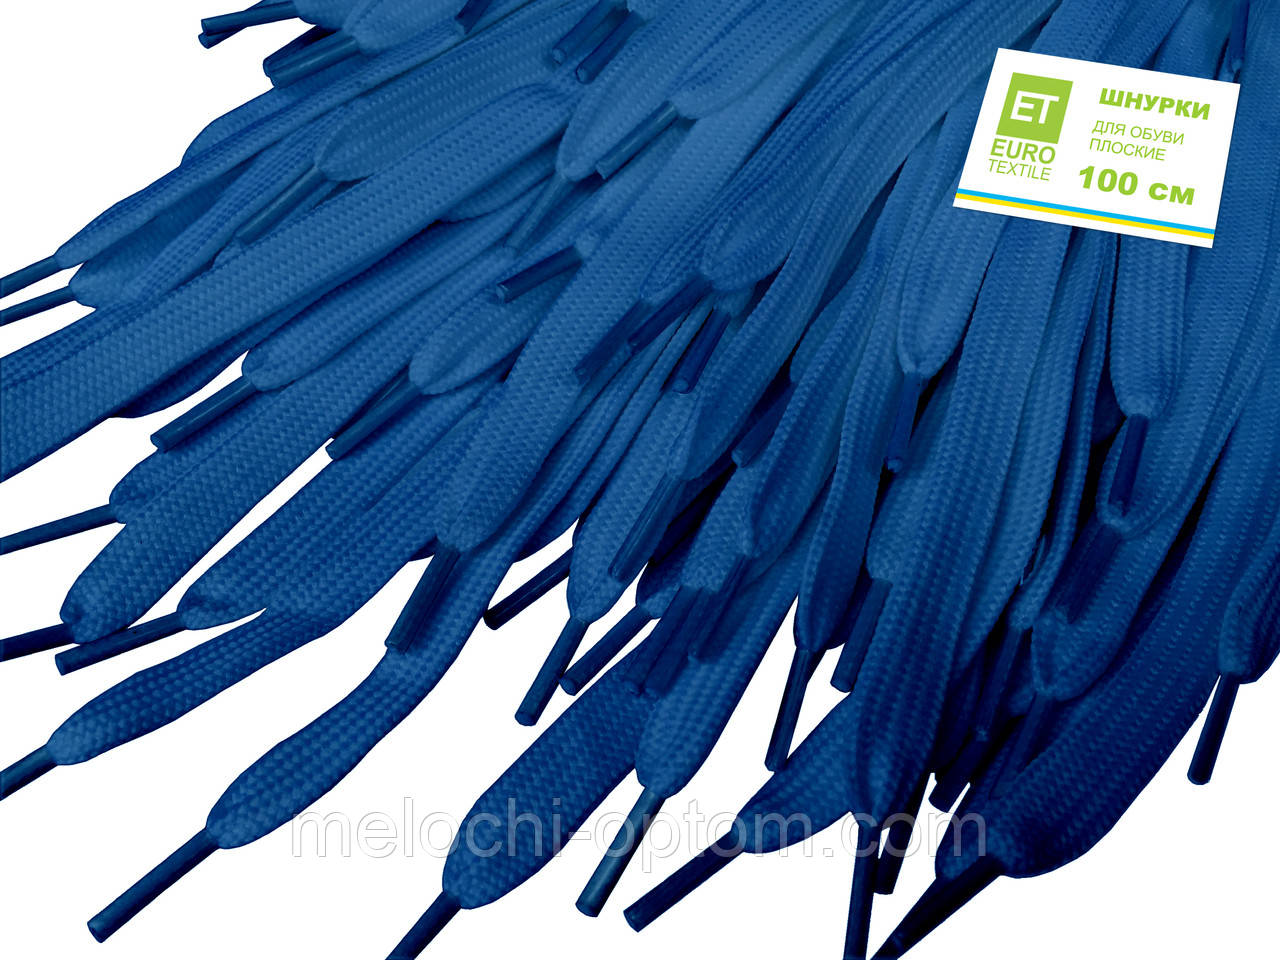 Шнурки для обуви (100см) плоские, светло-синие